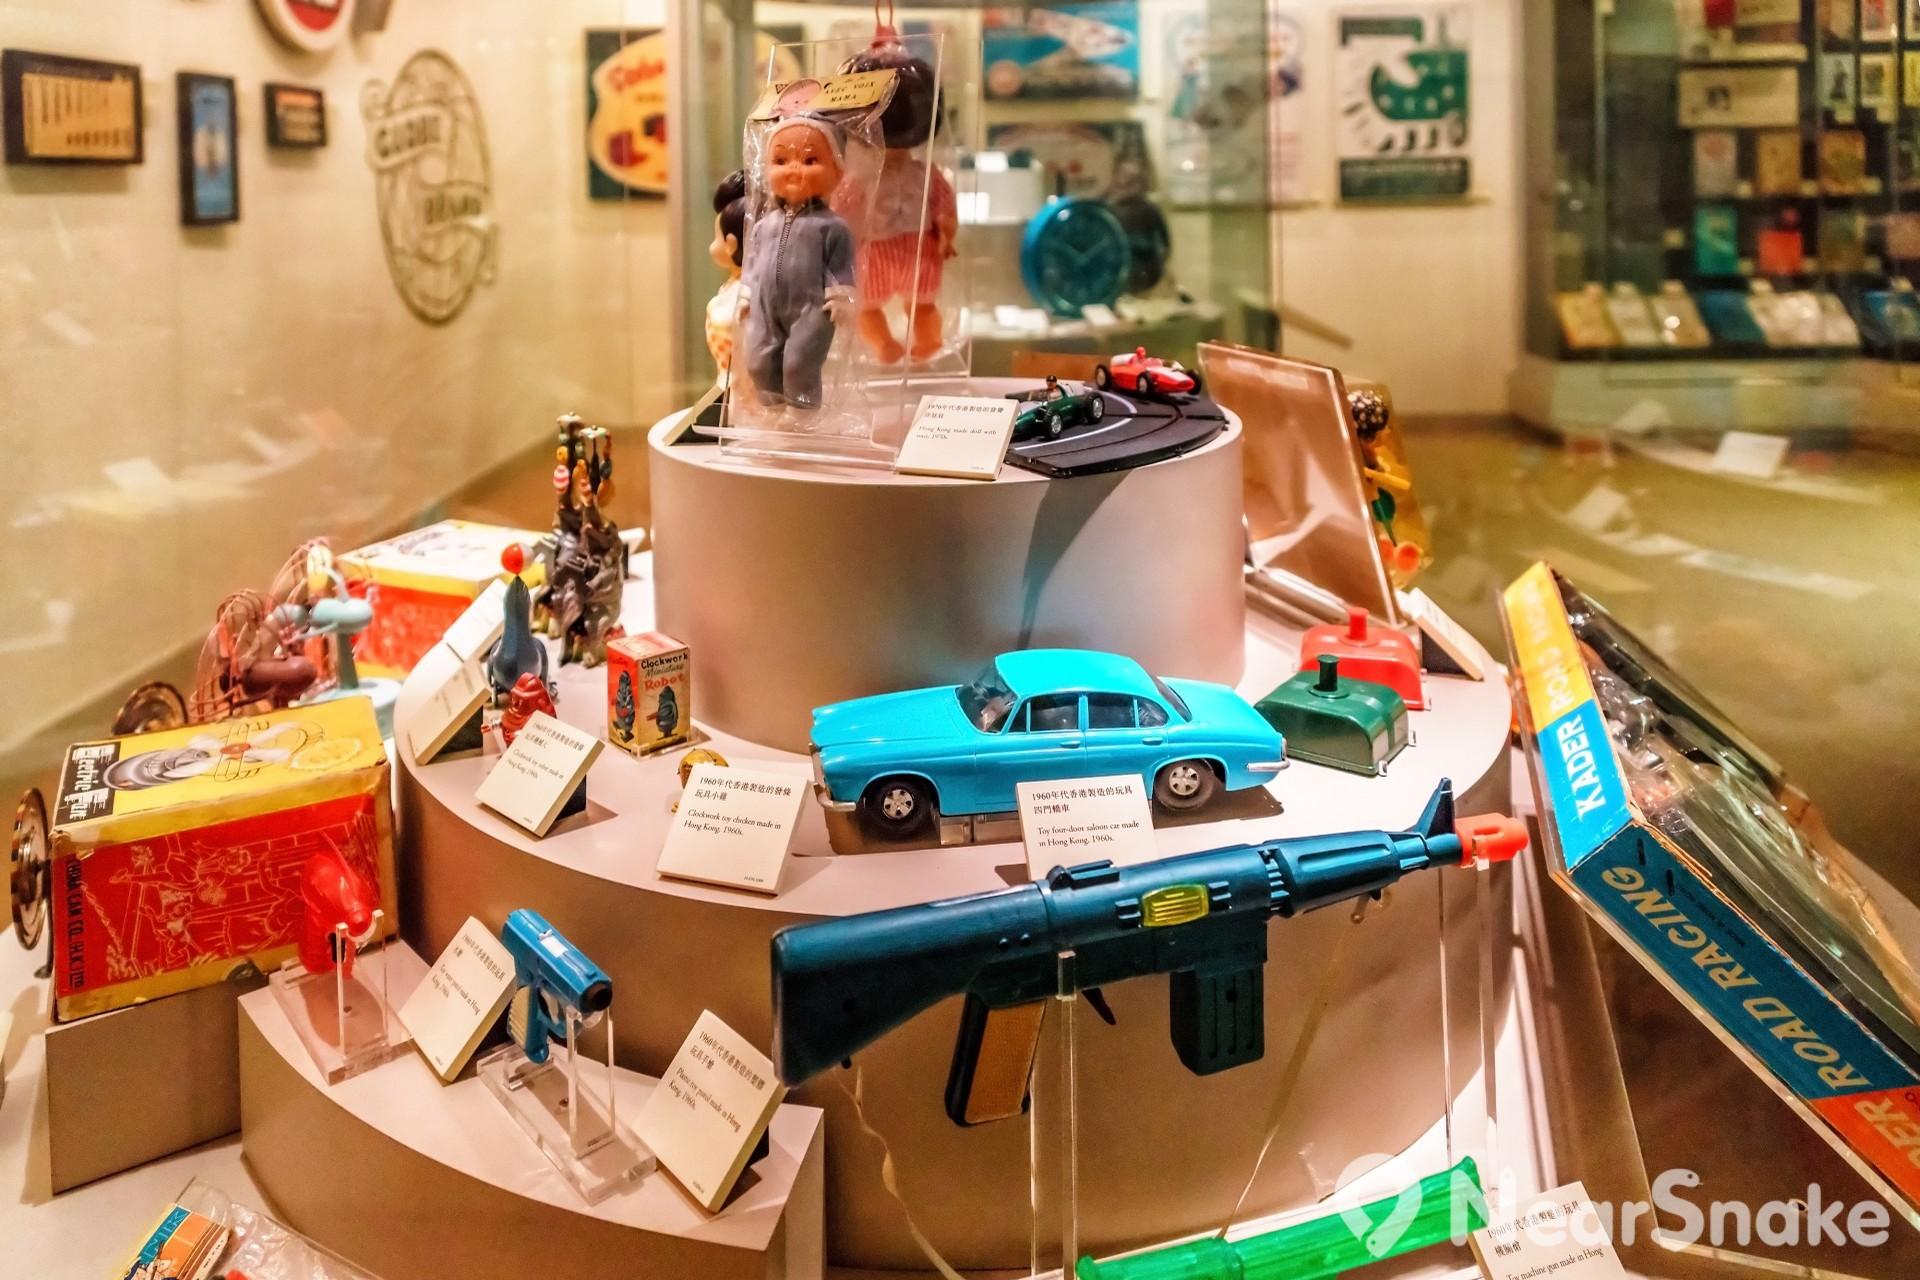 除嚴肅的歷史展品外,香港歷史博物館亦曾展出香港懷舊玩具等有趣展品。